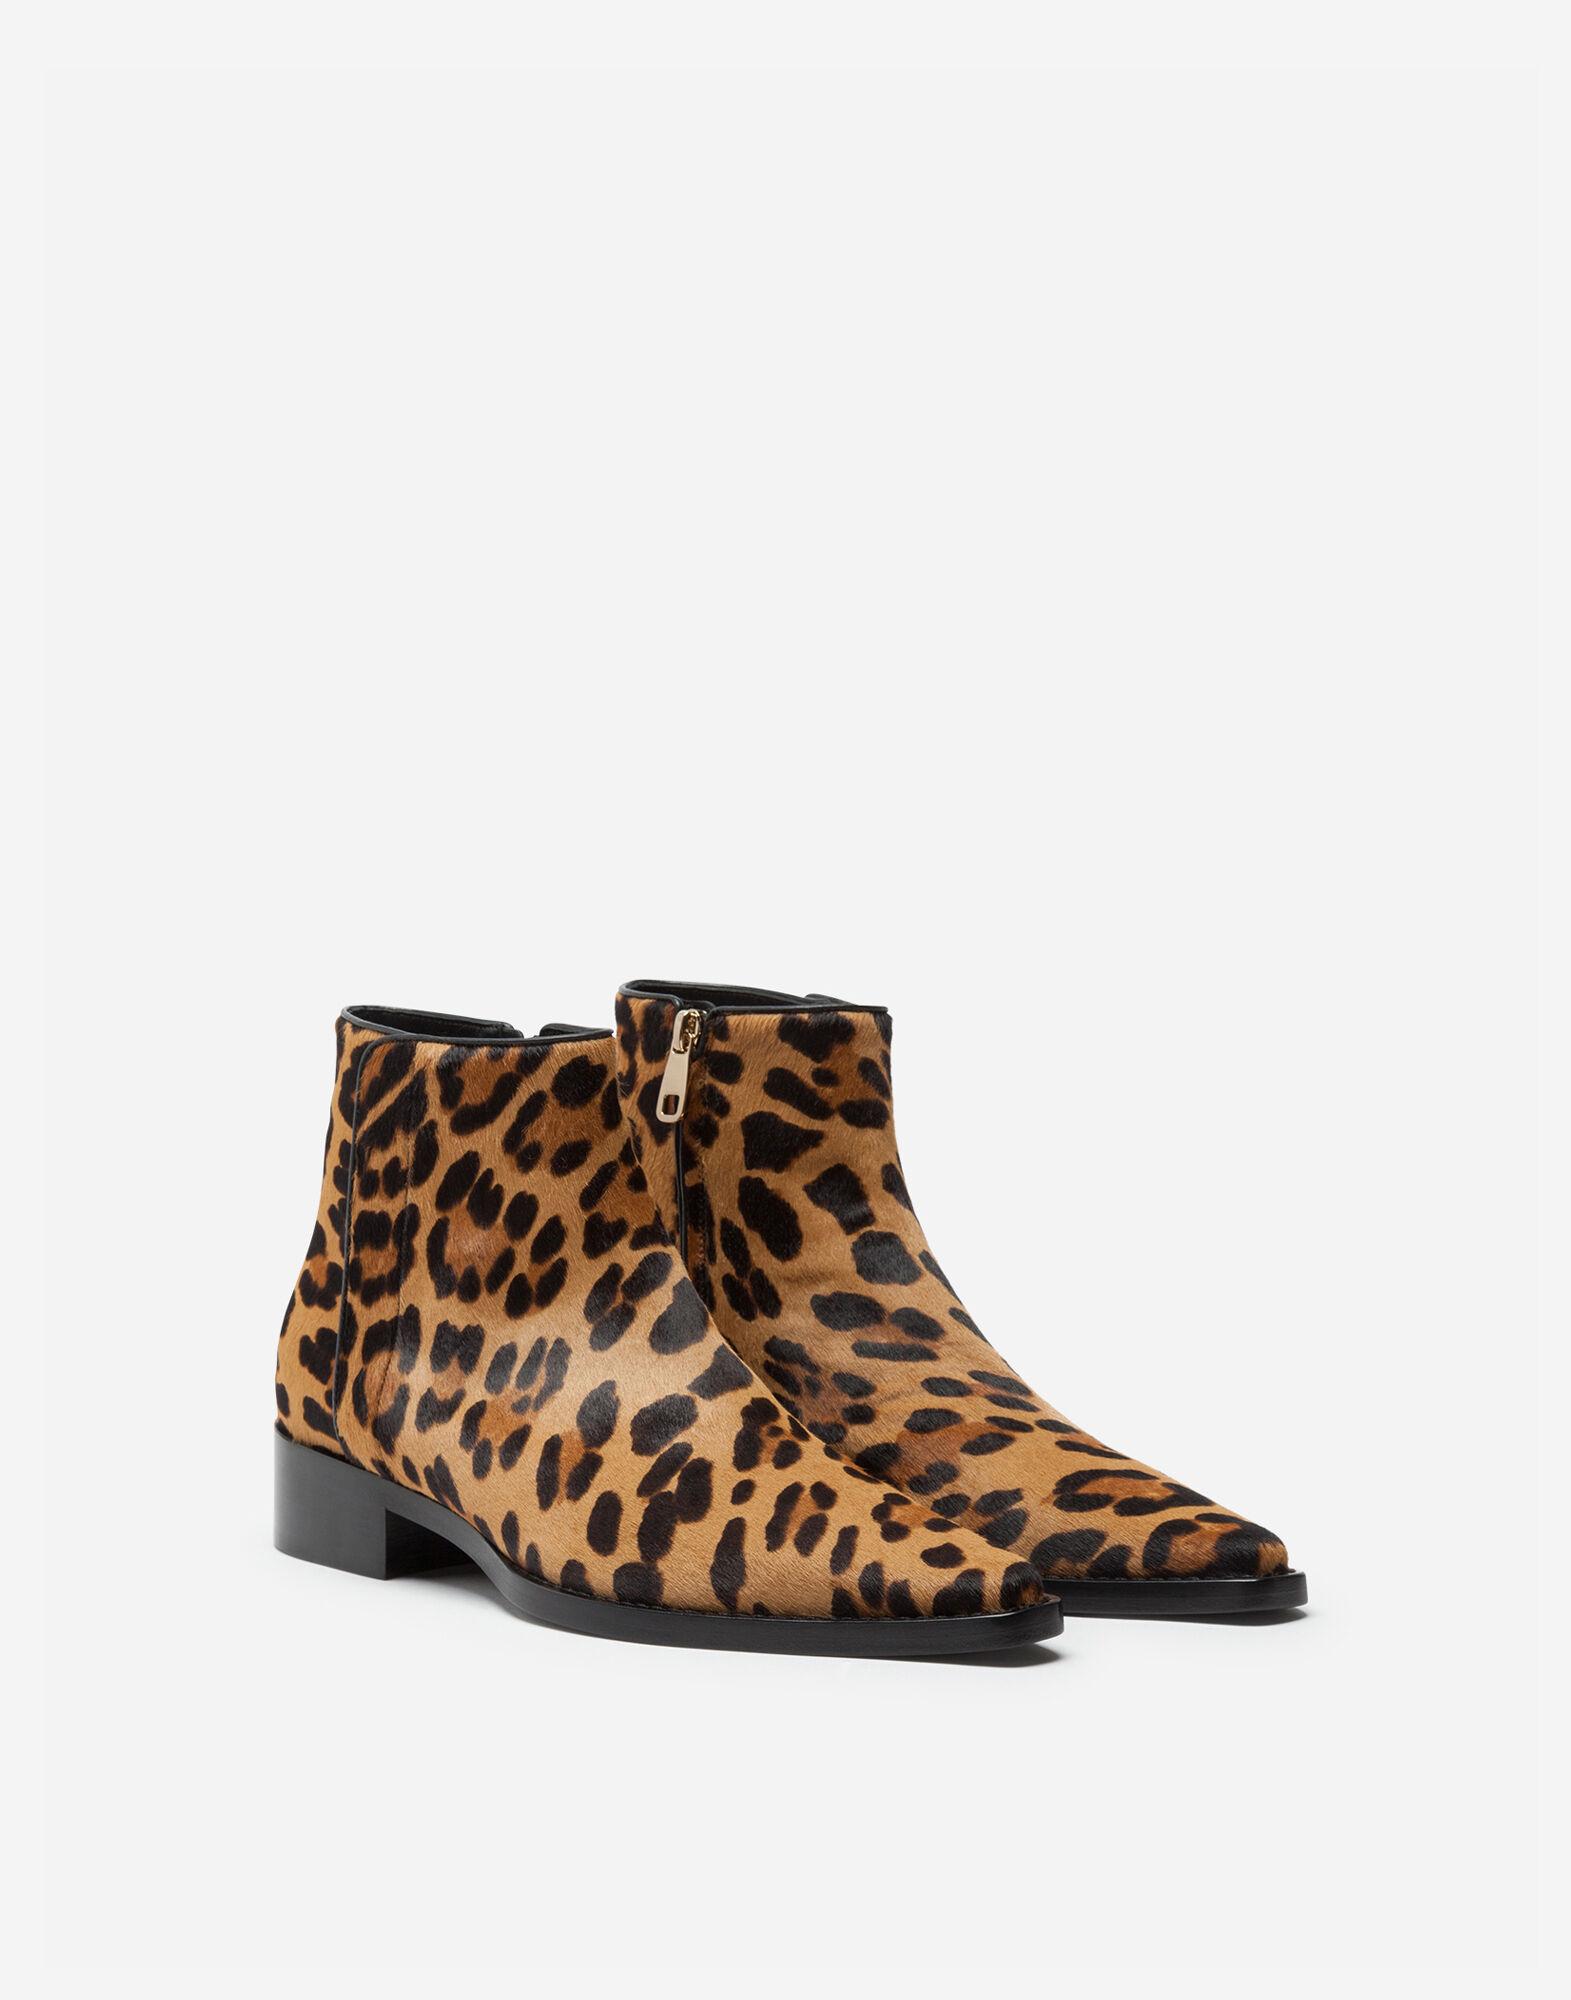 Stiefel und Stiefeletten für Damen | Dolce&Gabbana STIEFELETTE PONYFELL LEO OPTIK